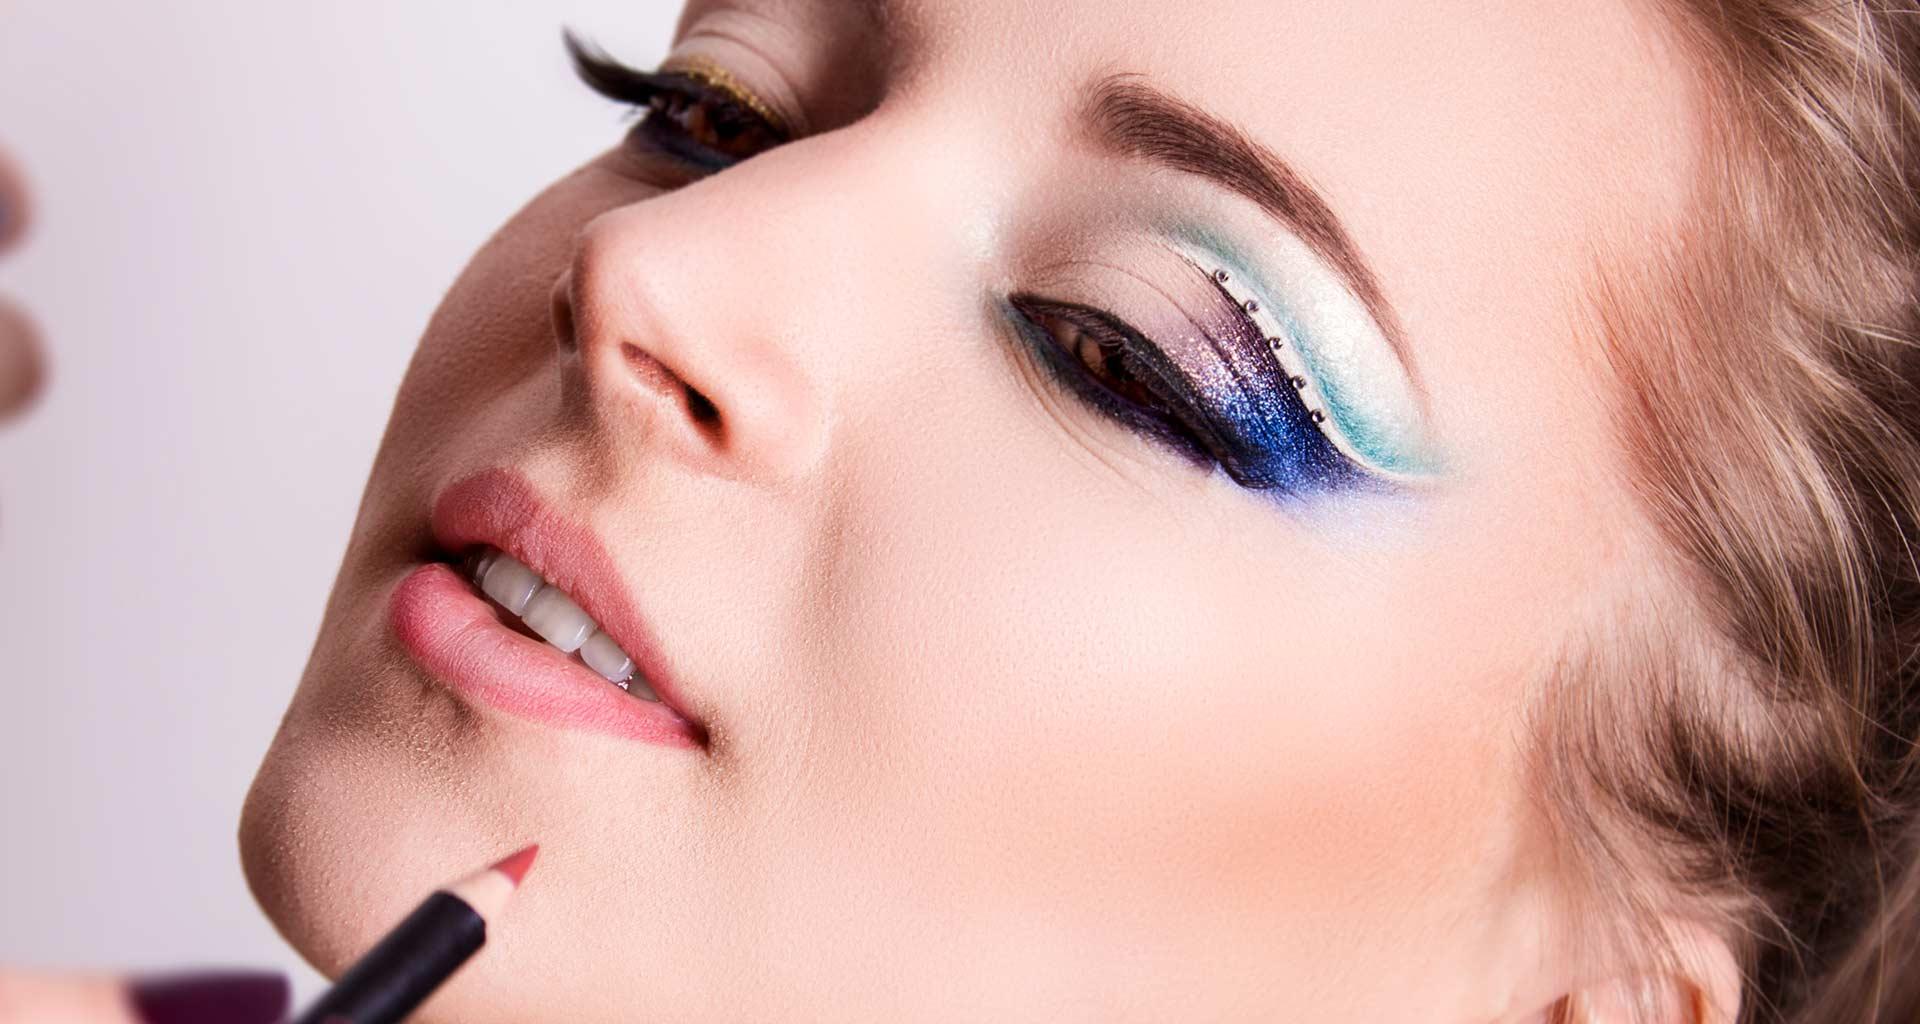 Một trong những cách chăm sóc da bị nám là hạn chế trang điểm